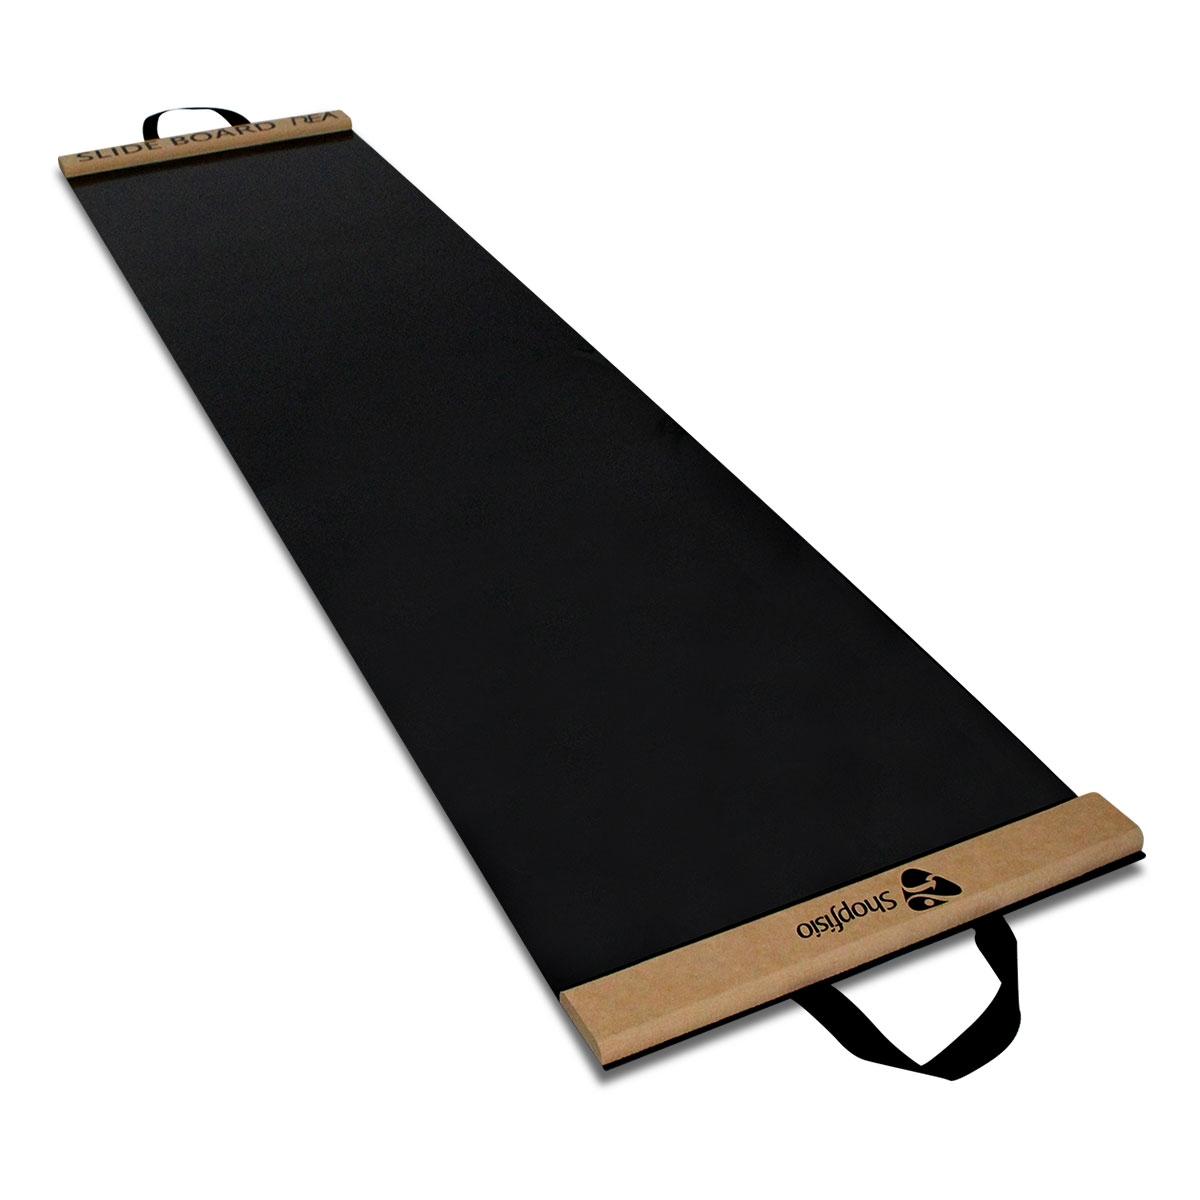 Plataforma Deslizante Slide Board Pro Para Treinamento Funcional 200X50cm - Shopfisio